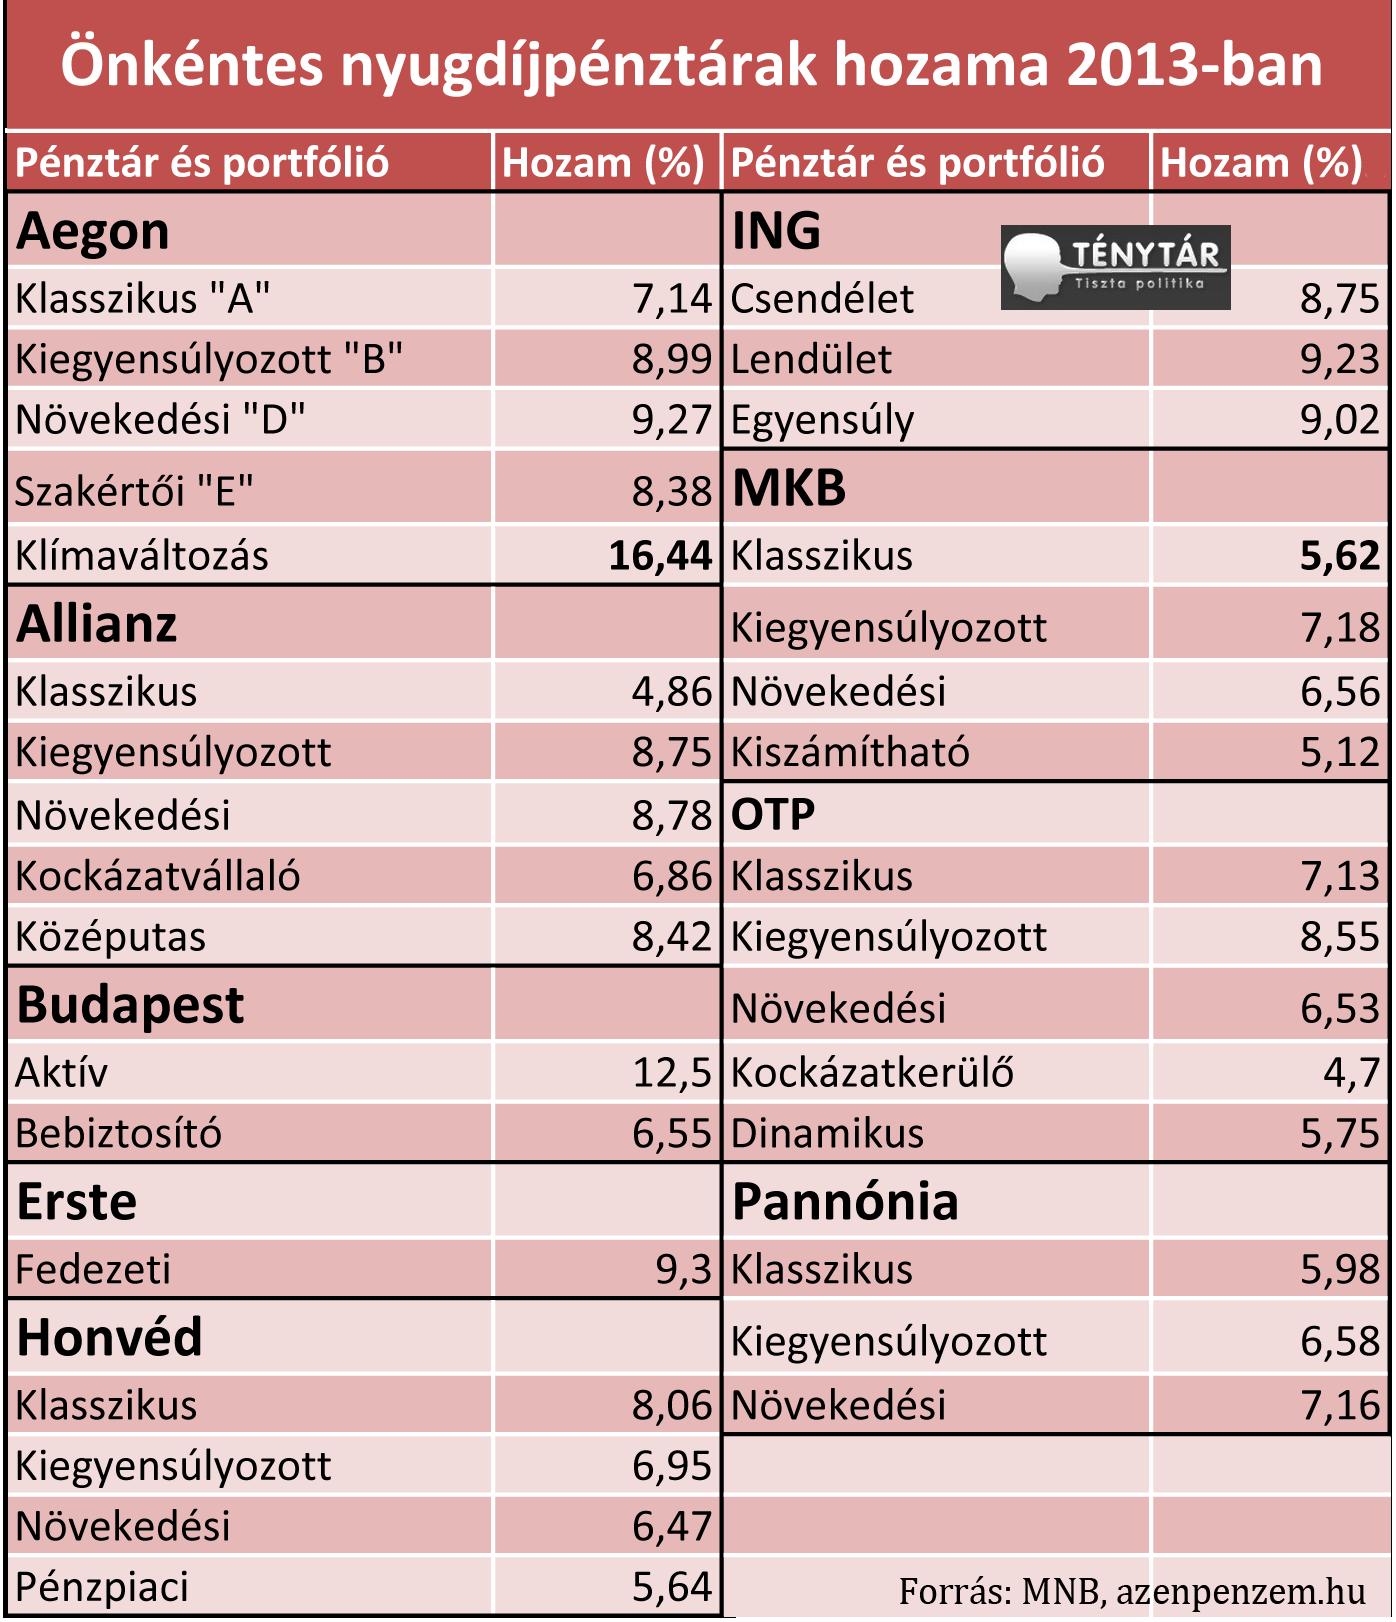 önkéntes nyugdíjpénztárak hozama 2013.png